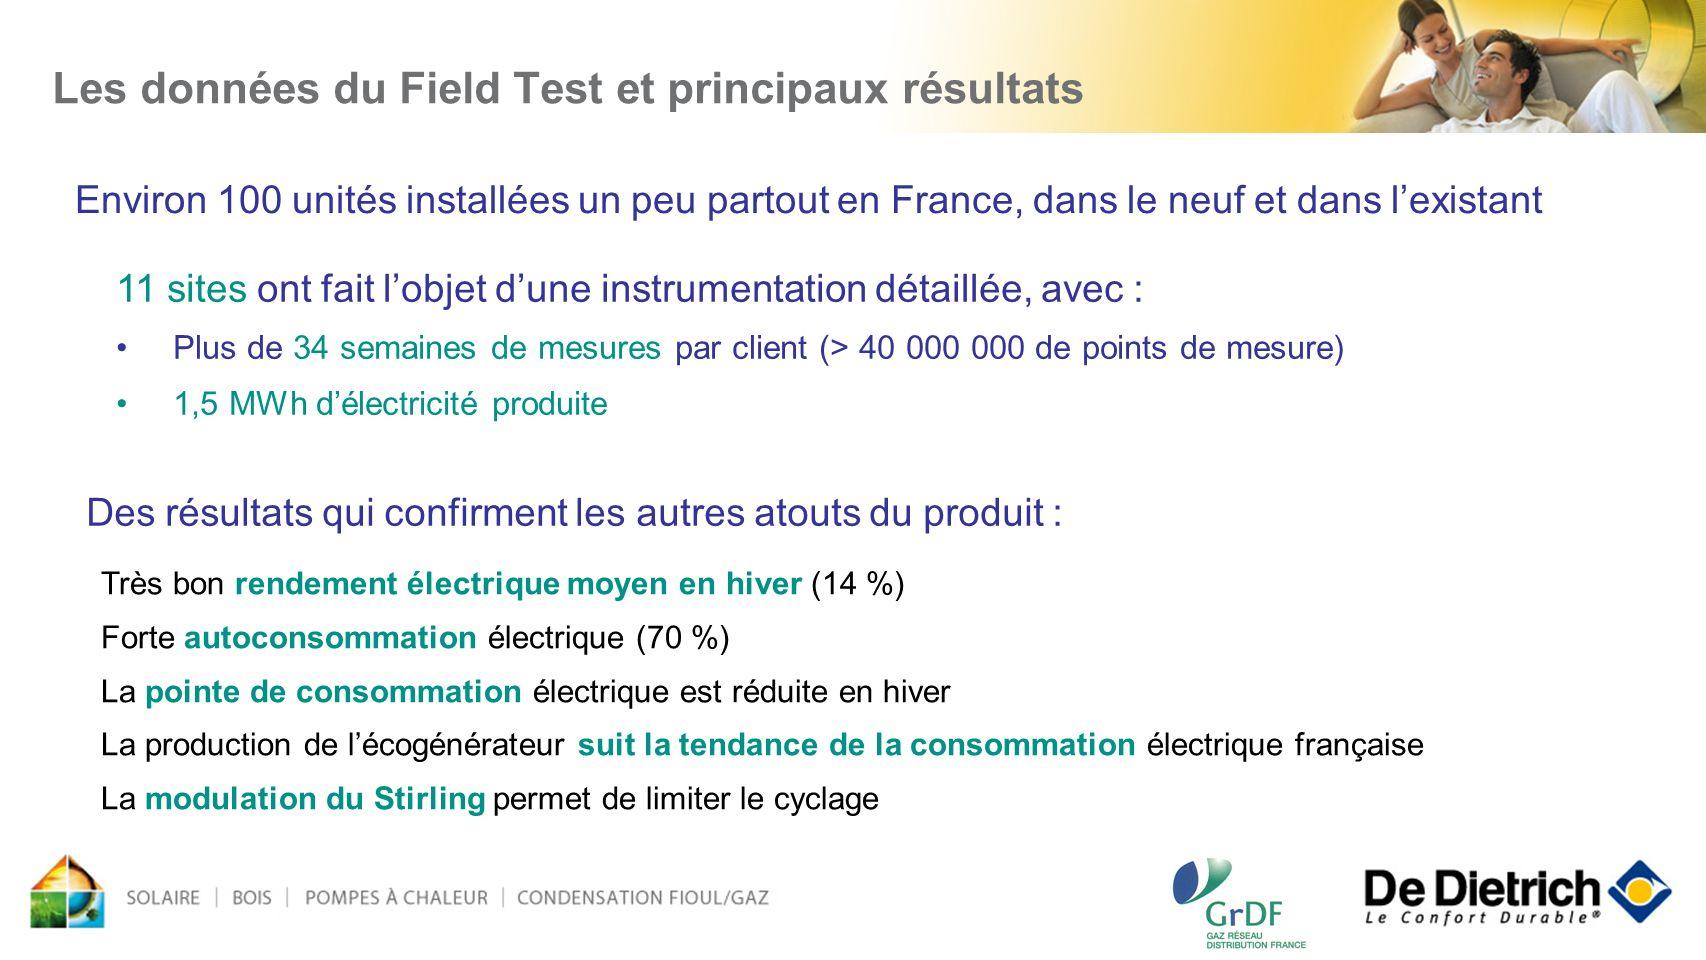 Les données du Field Test et principaux résultats